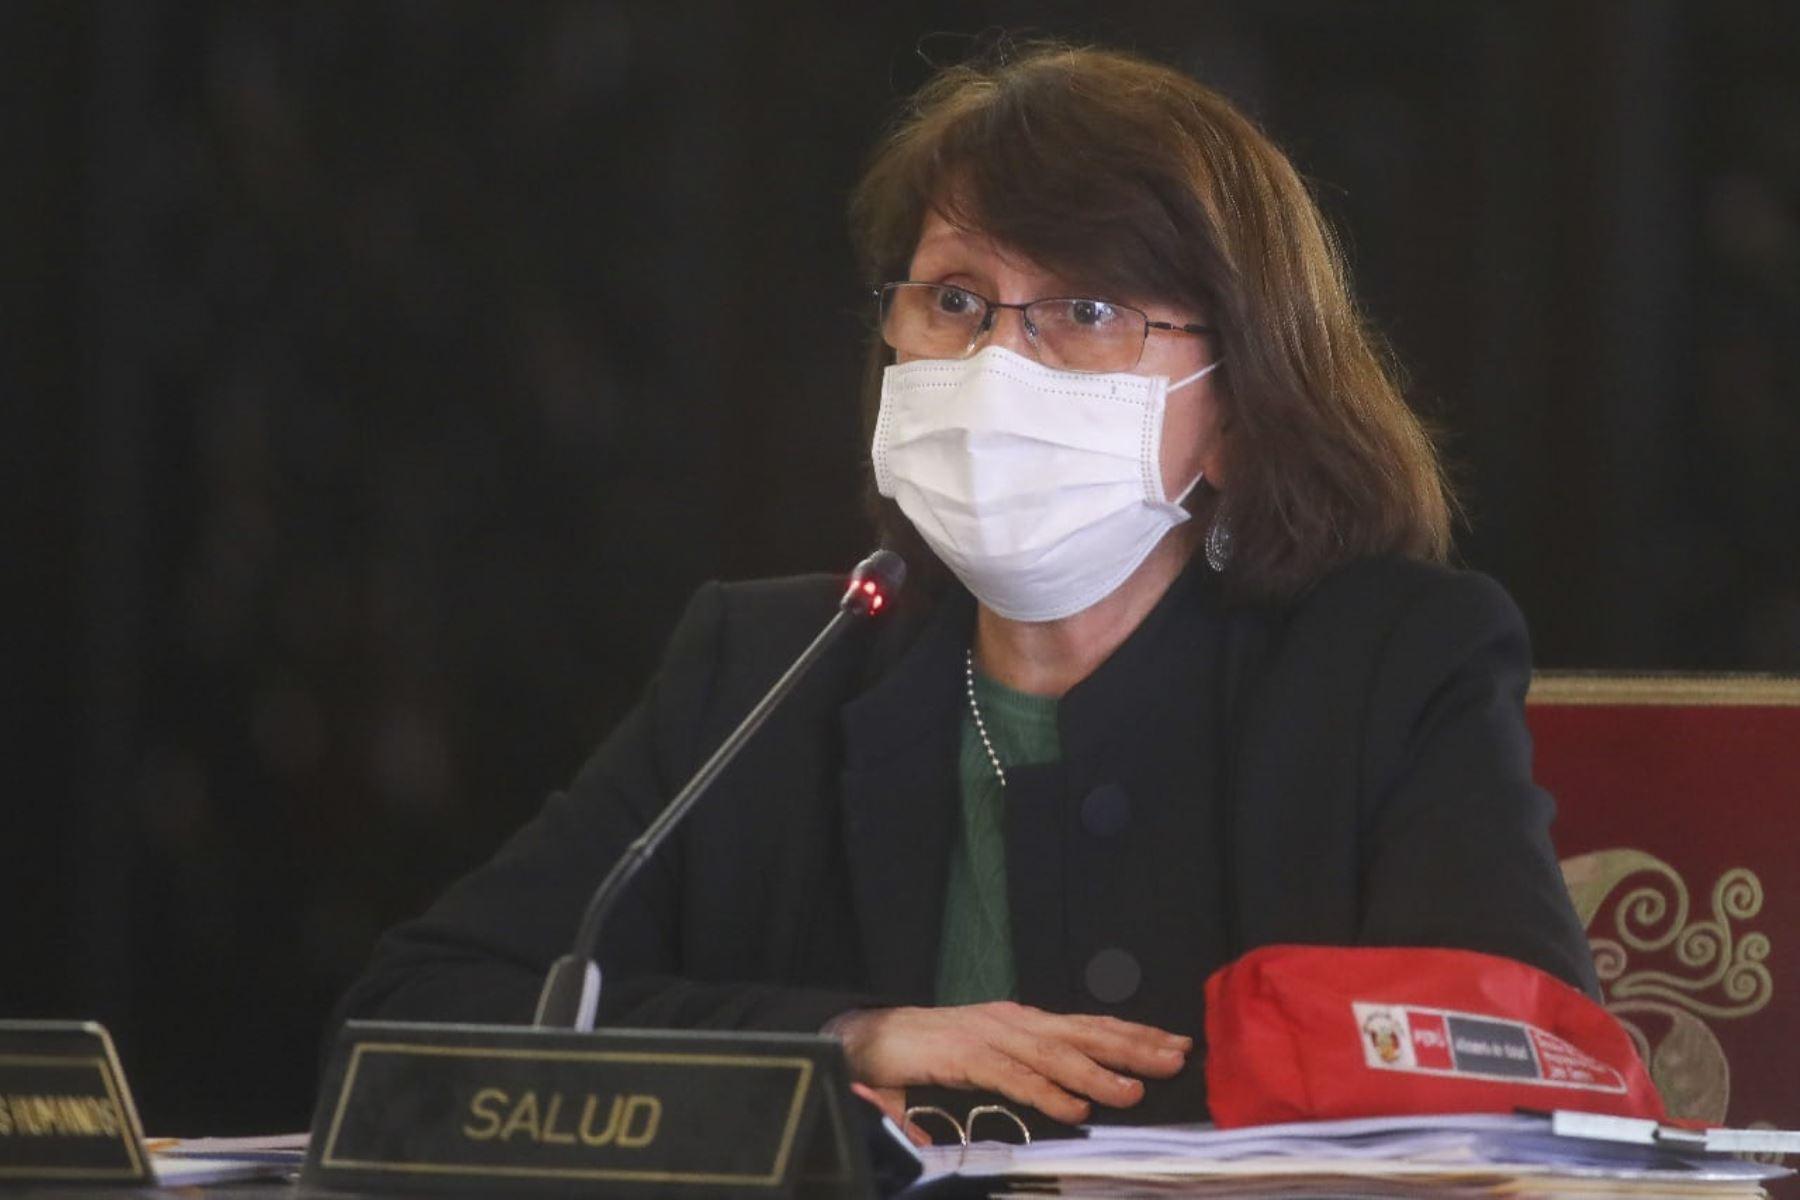 Ministra de Salud Pilar Mazzetti, durante la conferencia de prensa en el día 199 del Estado de Emergencia Nacional, donde se anuncia  nuevos alcances y medidas entorno a la lucha contra la pandemia del covid-19, en palacio de gobierno. Foto:ANDINA/Prensa Presidencia